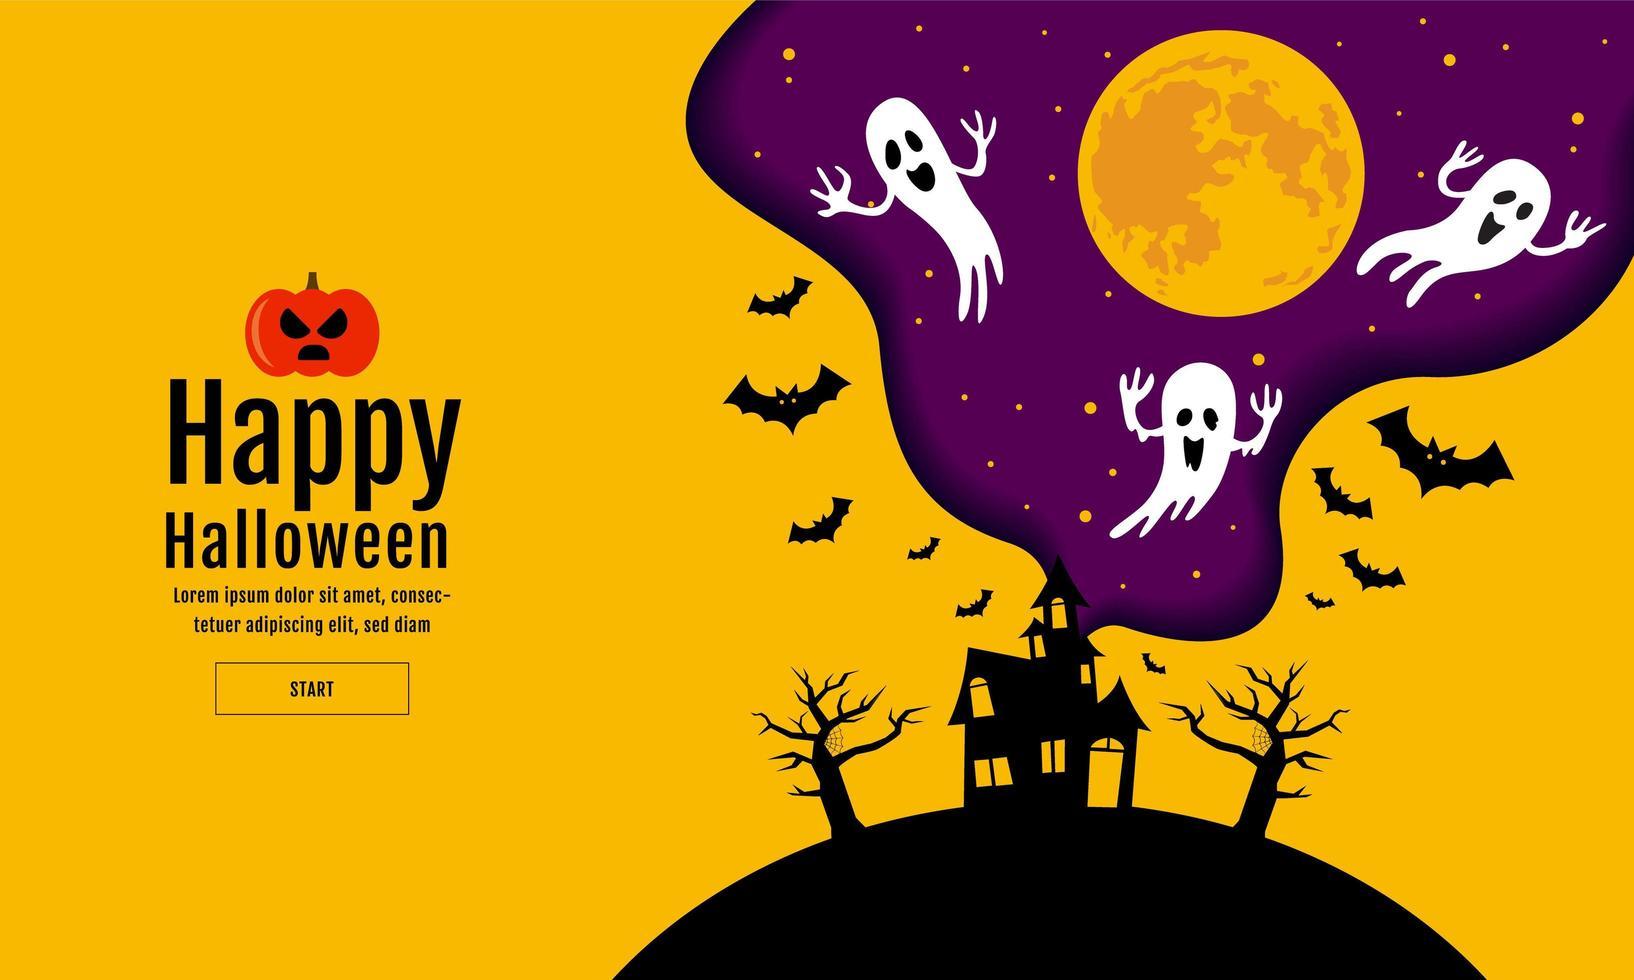 conception de nuit effrayante halloween heureux vecteur